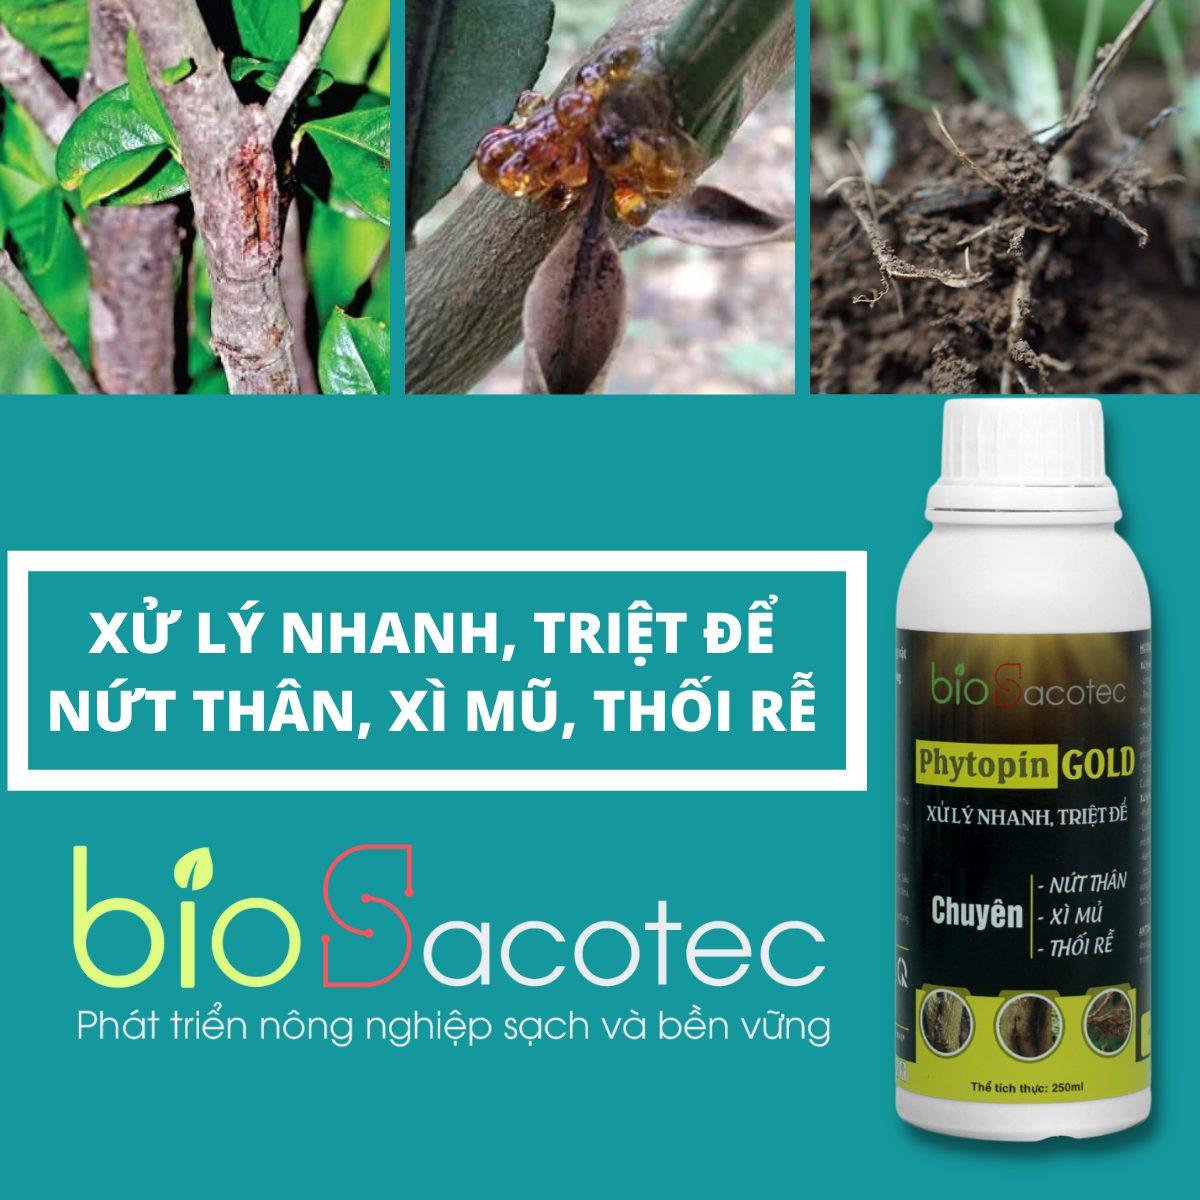 Chế phẩm sinh học Phytopin Gold - phòng trừ bệnh nứt thân, xì mủ, nấm hồng, thán thư, đốm lá